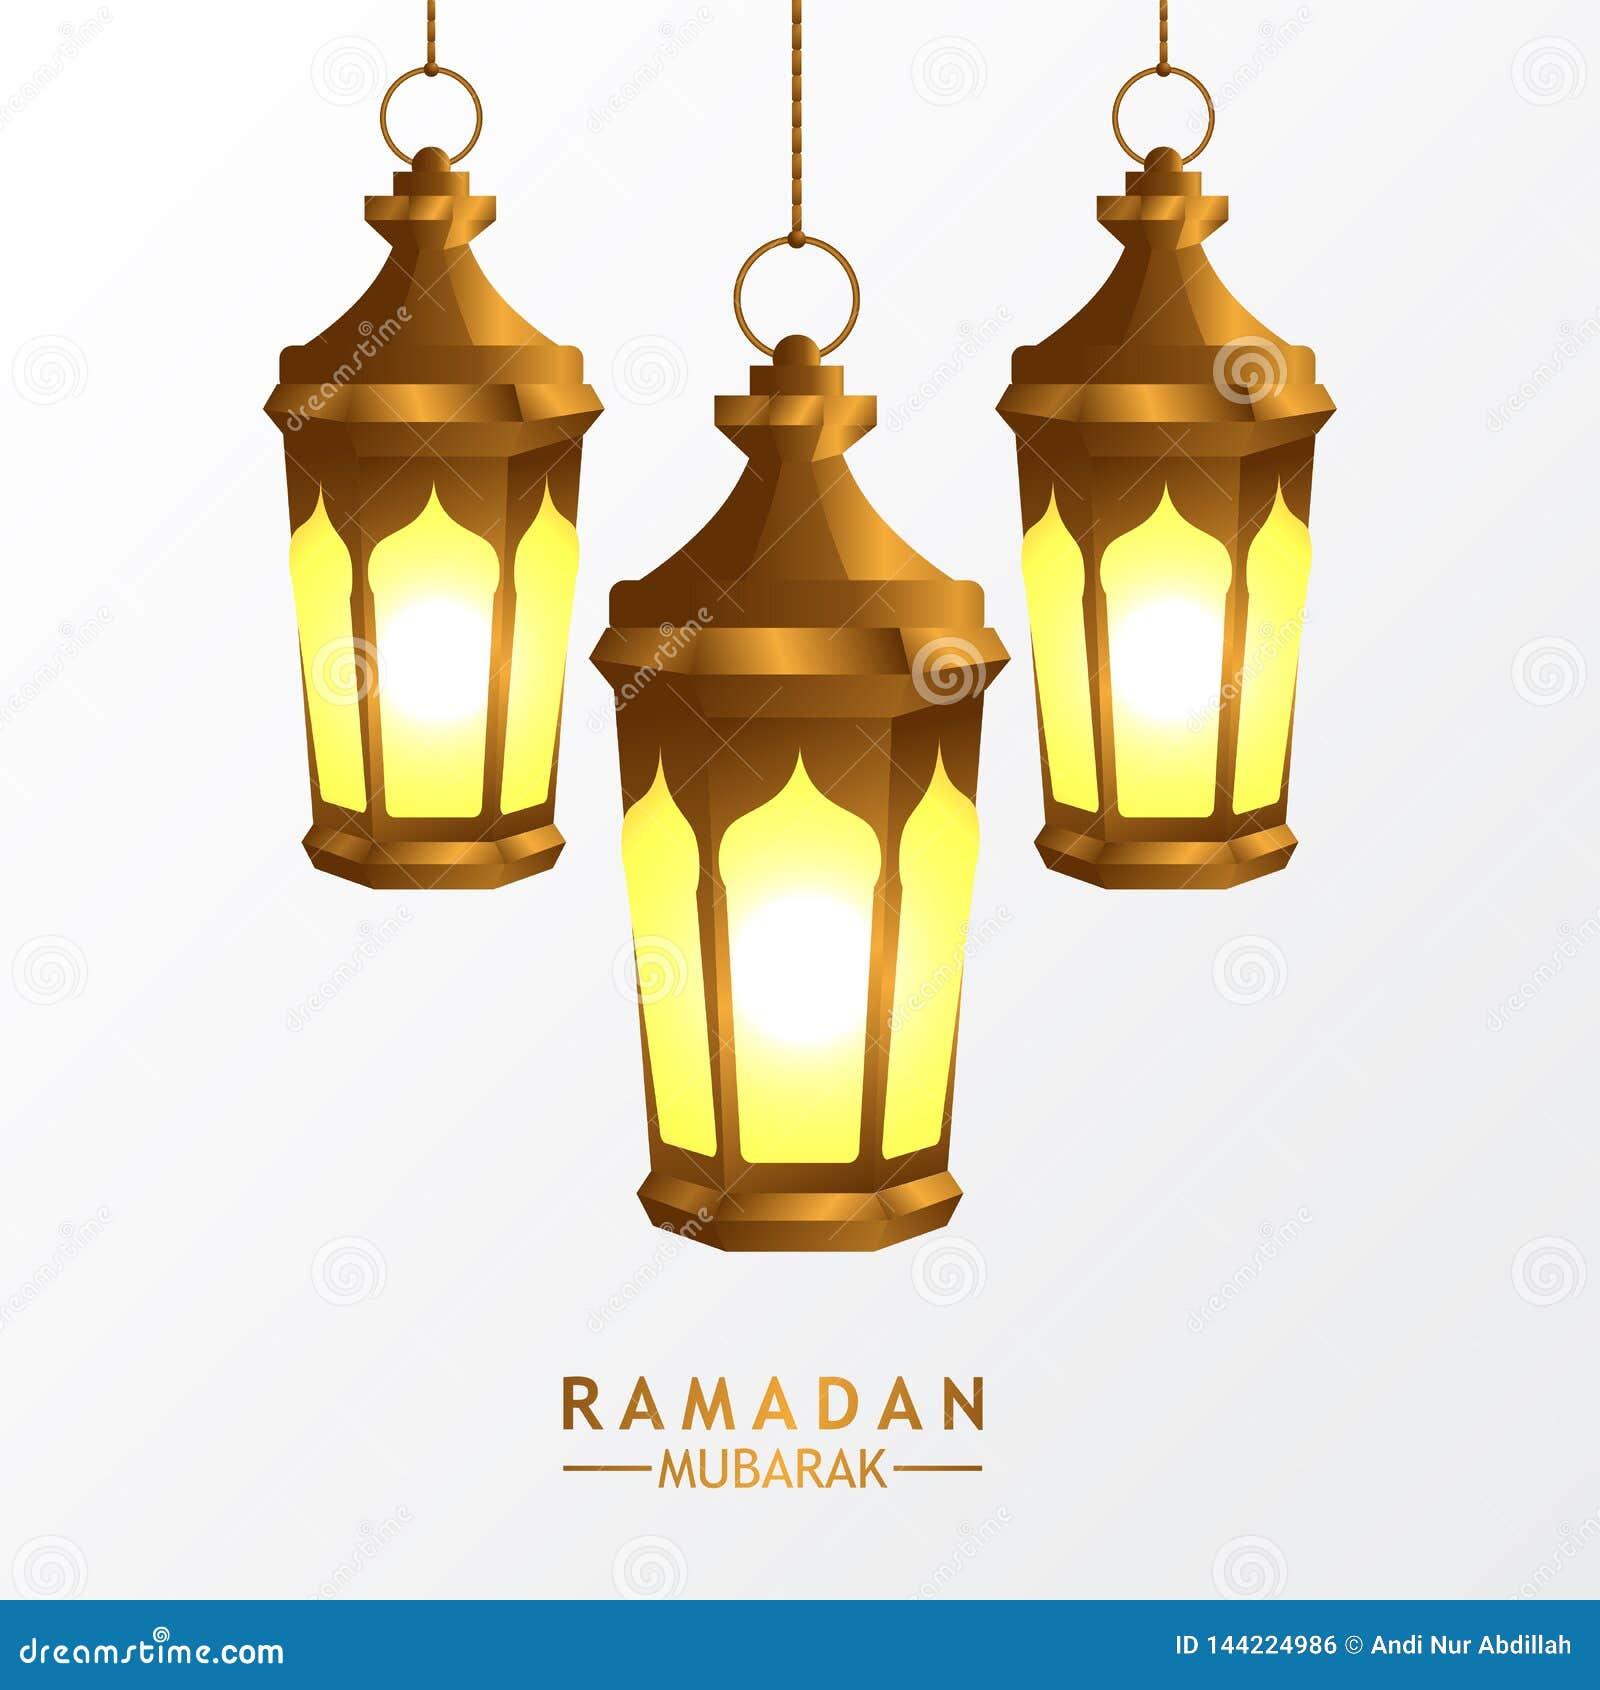 κρεμασμένος λαμπτήρας φαναριών ομάδας τρισδιάστατος χρυσός ρεαλιστικός fanous αραβικός με το άσπρο υπόβαθρο για το ισλαμικό γεγον